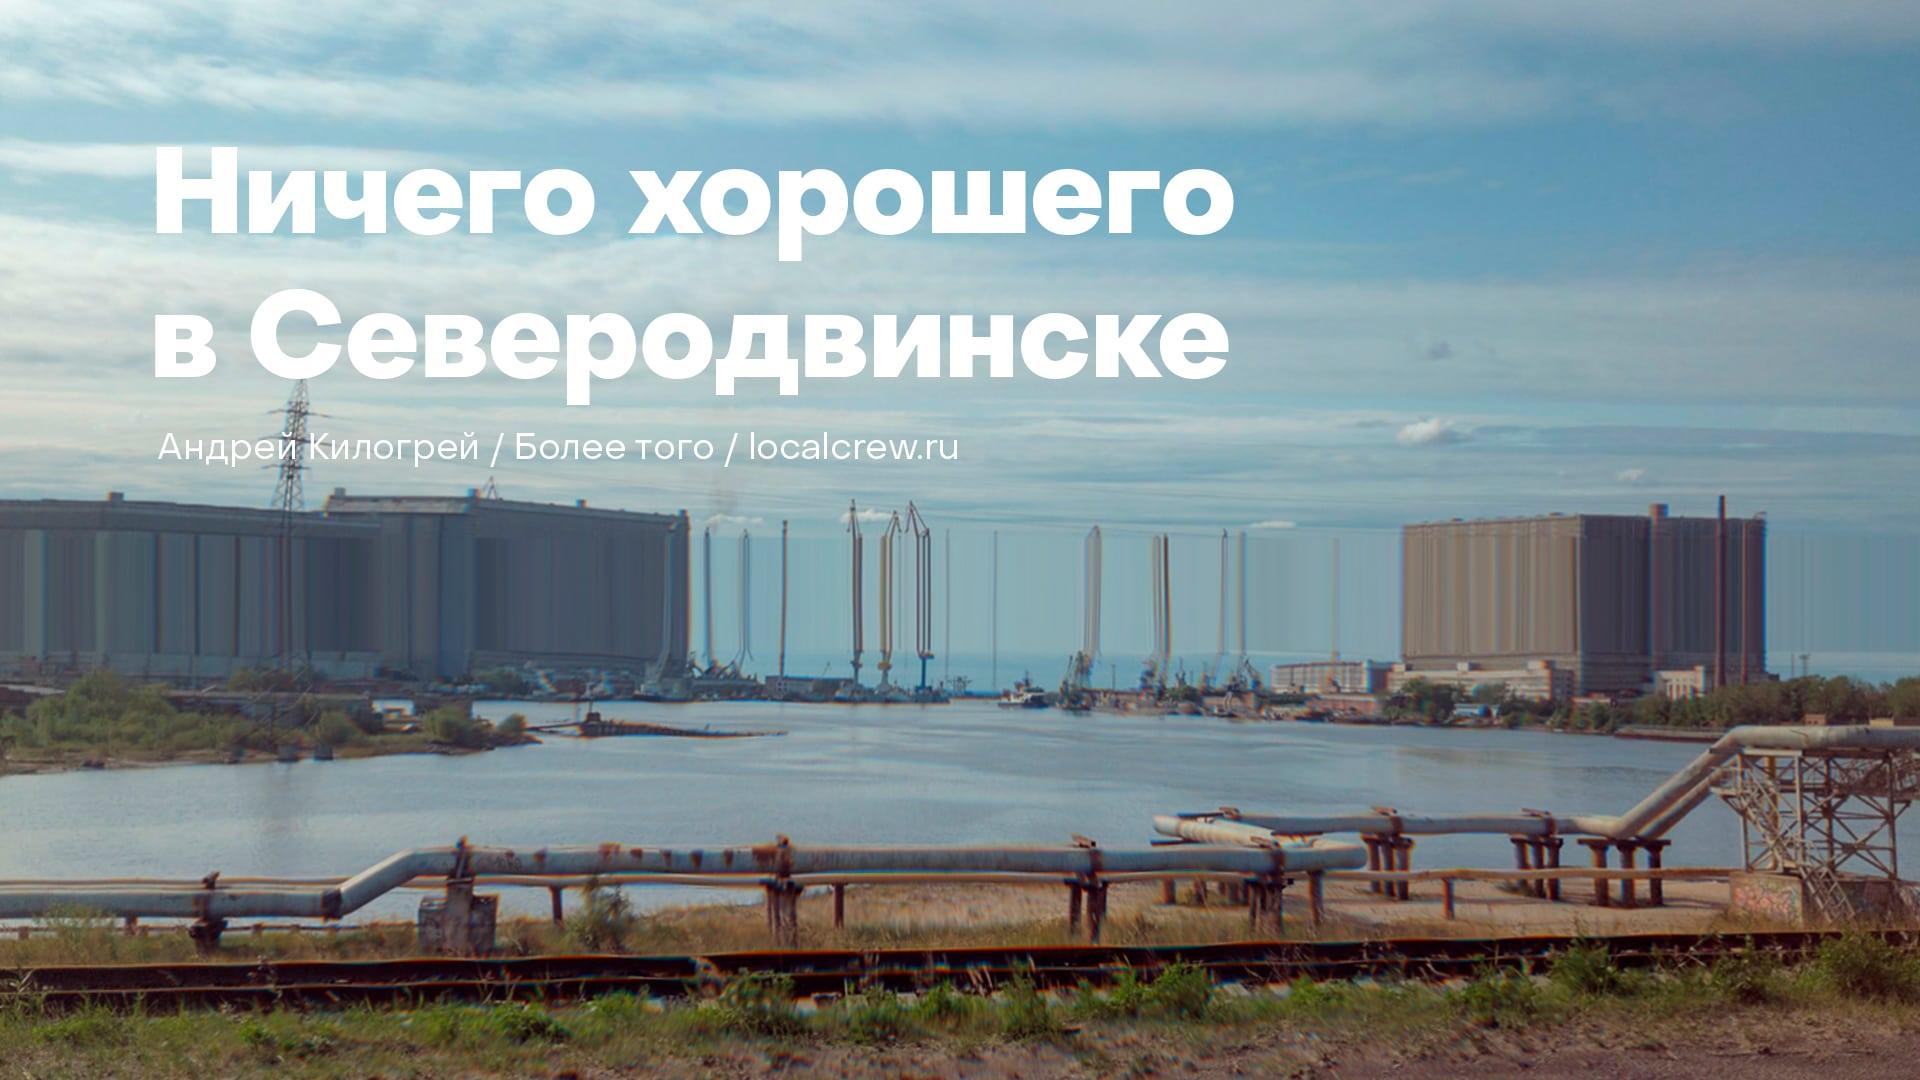 Ничего хорошего в Северодвинске